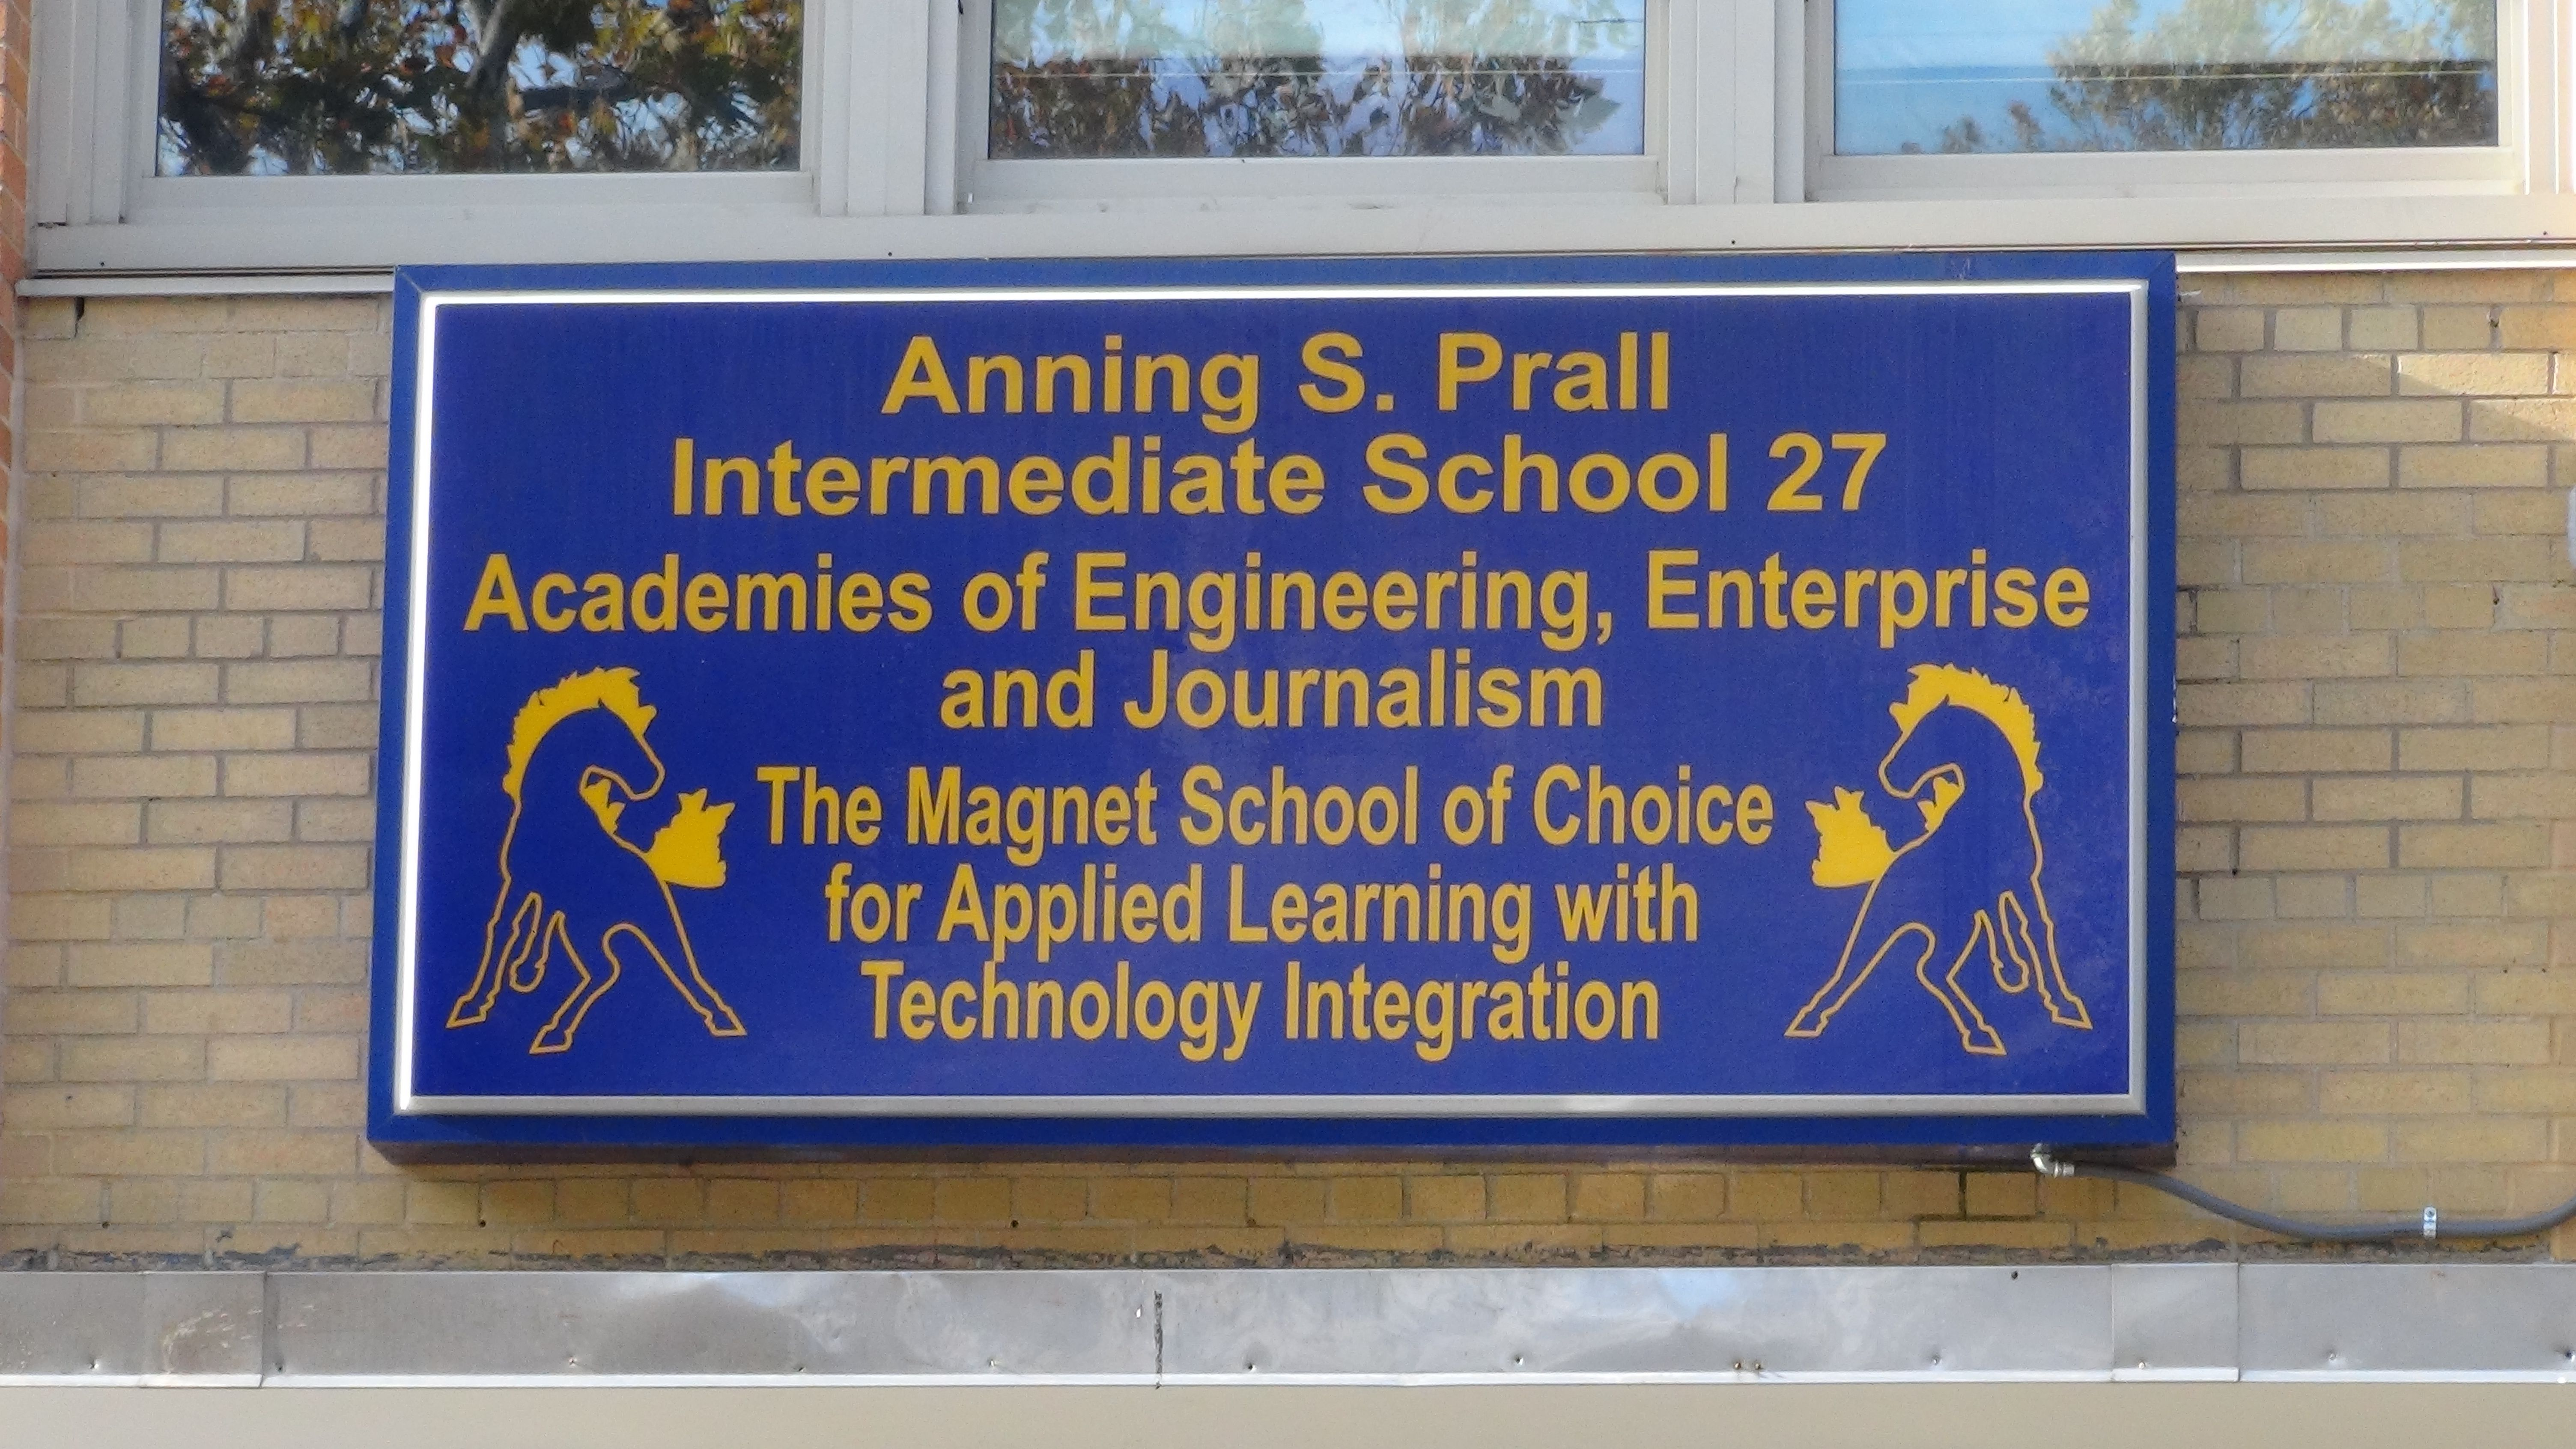 #anniesprall #is27 #statenislandpublicschools #statenislandschools #publicschools #clovelake